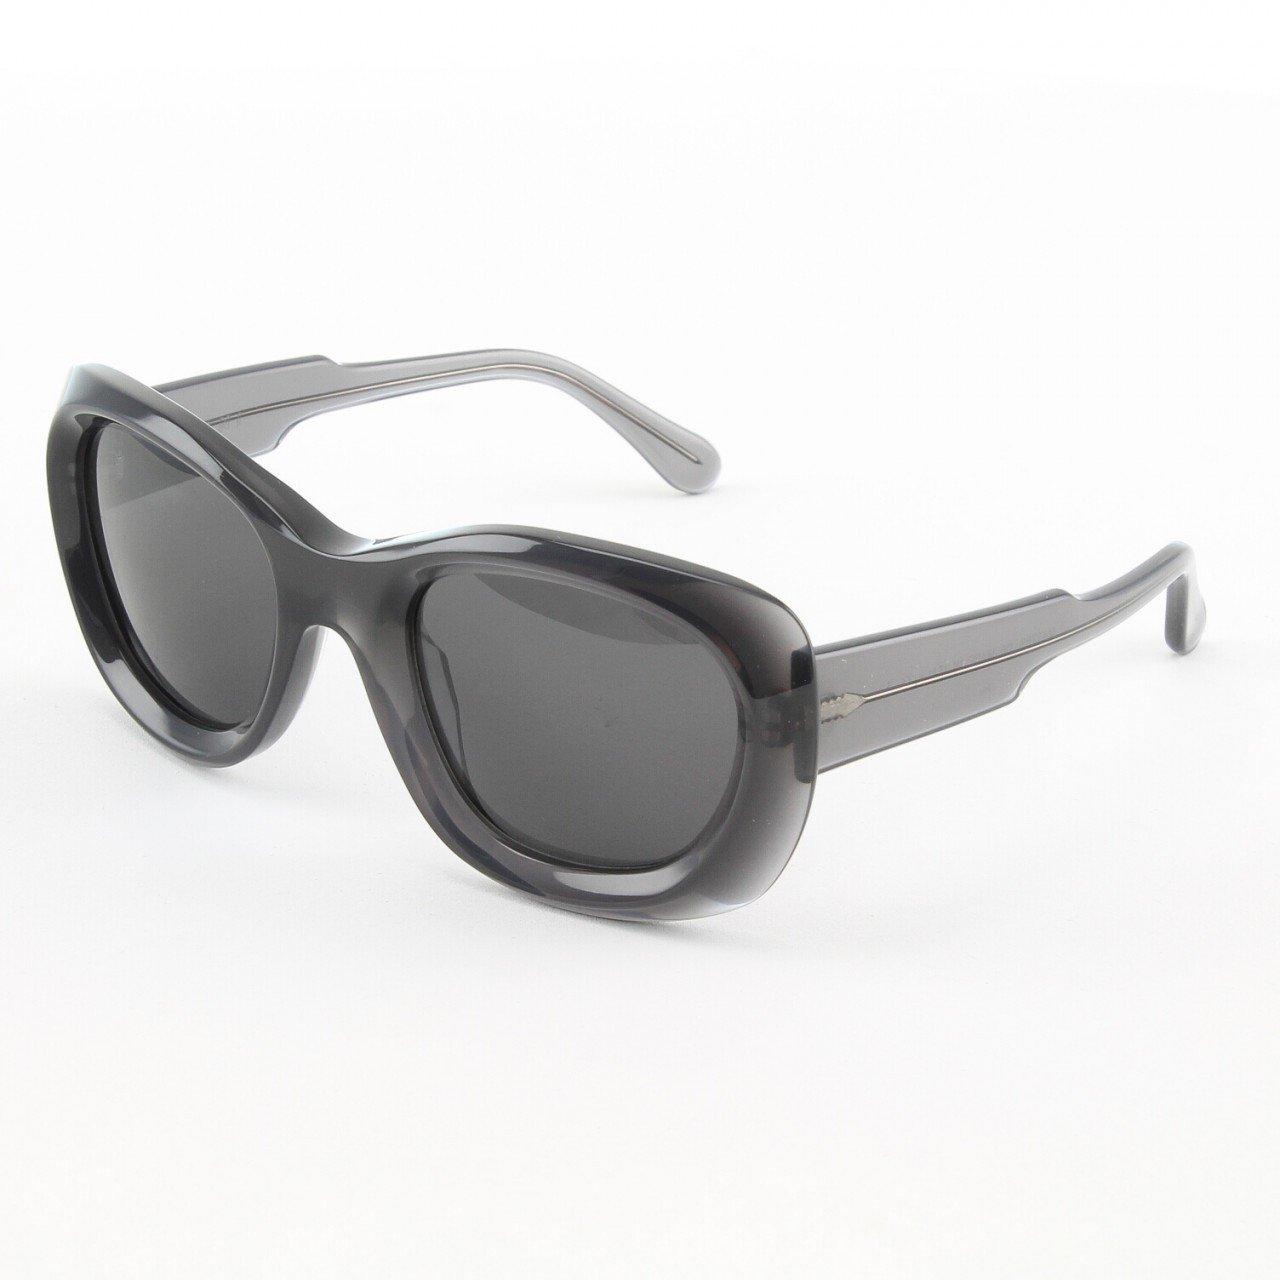 Marni MA178S Sunglasses Col. 06 Translucent Graphite Gray with Gray Gradient Lenses